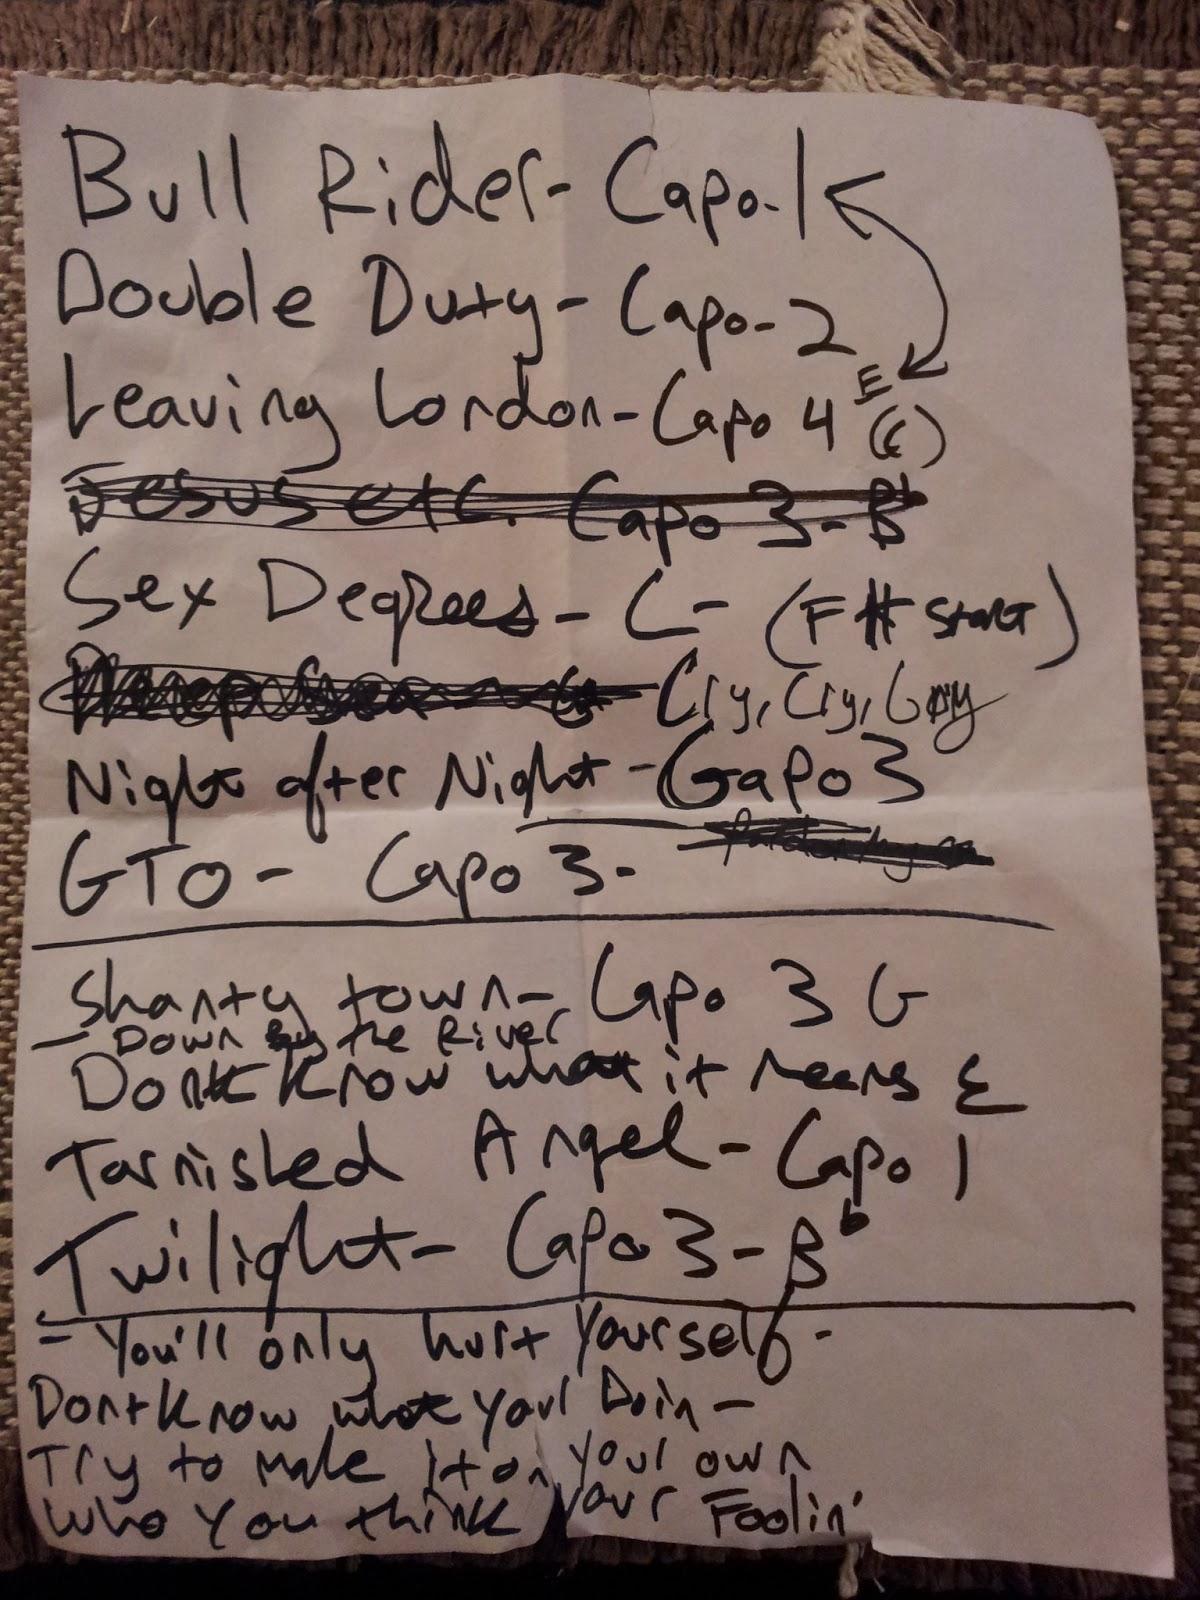 http://2.bp.blogspot.com/-vEhVWLS_svY/UPxlIabBZgI/AAAAAAAAM6k/cicFV3tmPGY/s1600/pussnboots-set-list-norah-jones.jpg